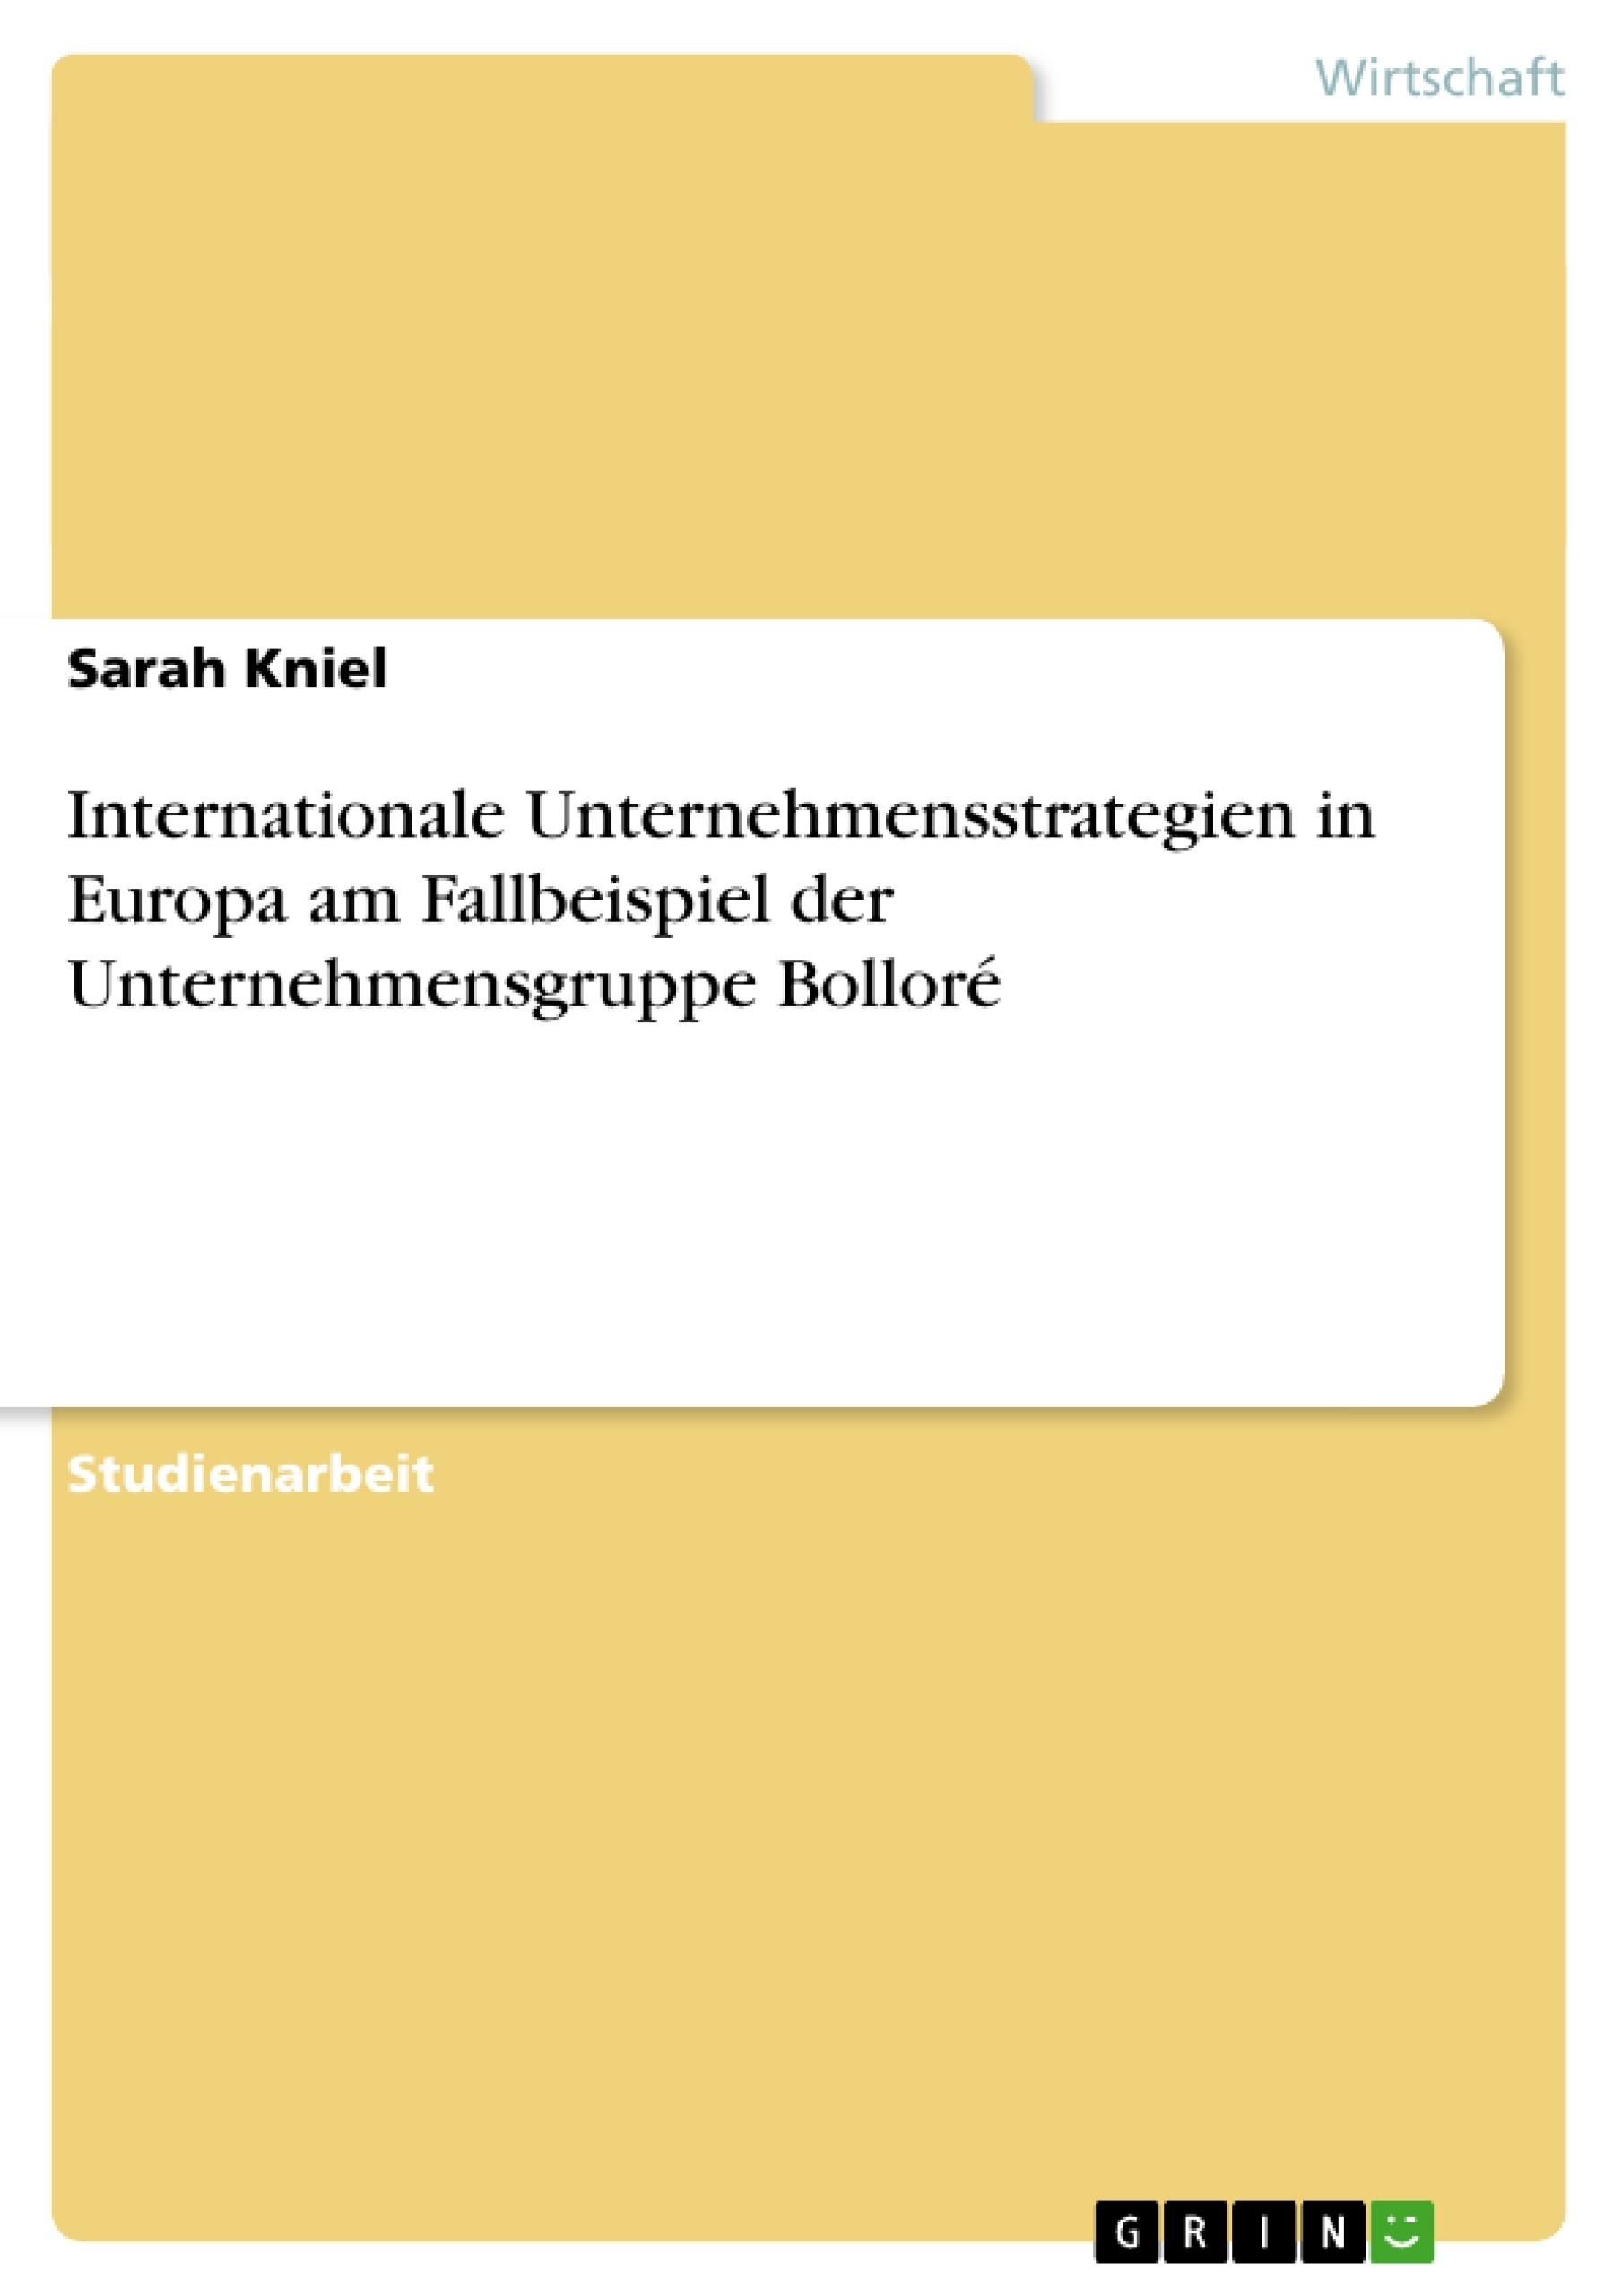 Titel: Internationale Unternehmensstrategien in Europa am Fallbeispiel der Unternehmensgruppe Bolloré